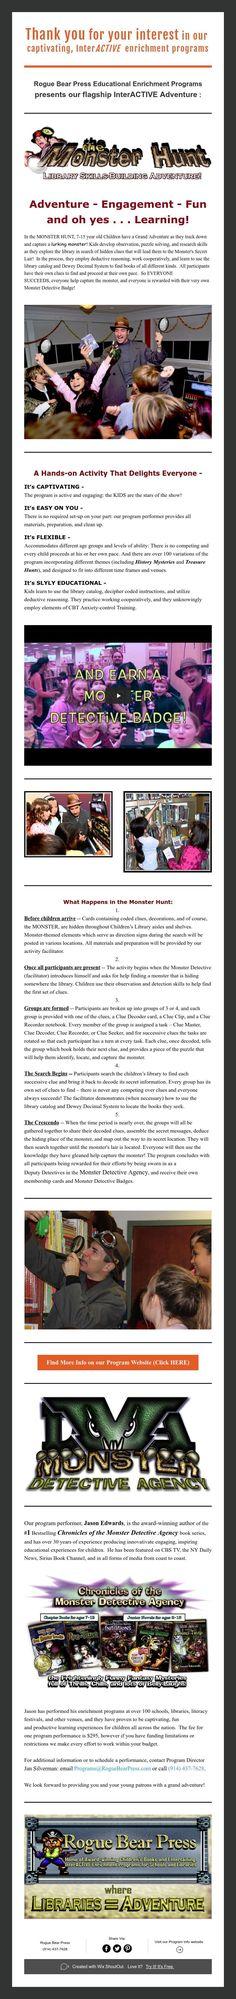 MONSTER HUNT - Program Info